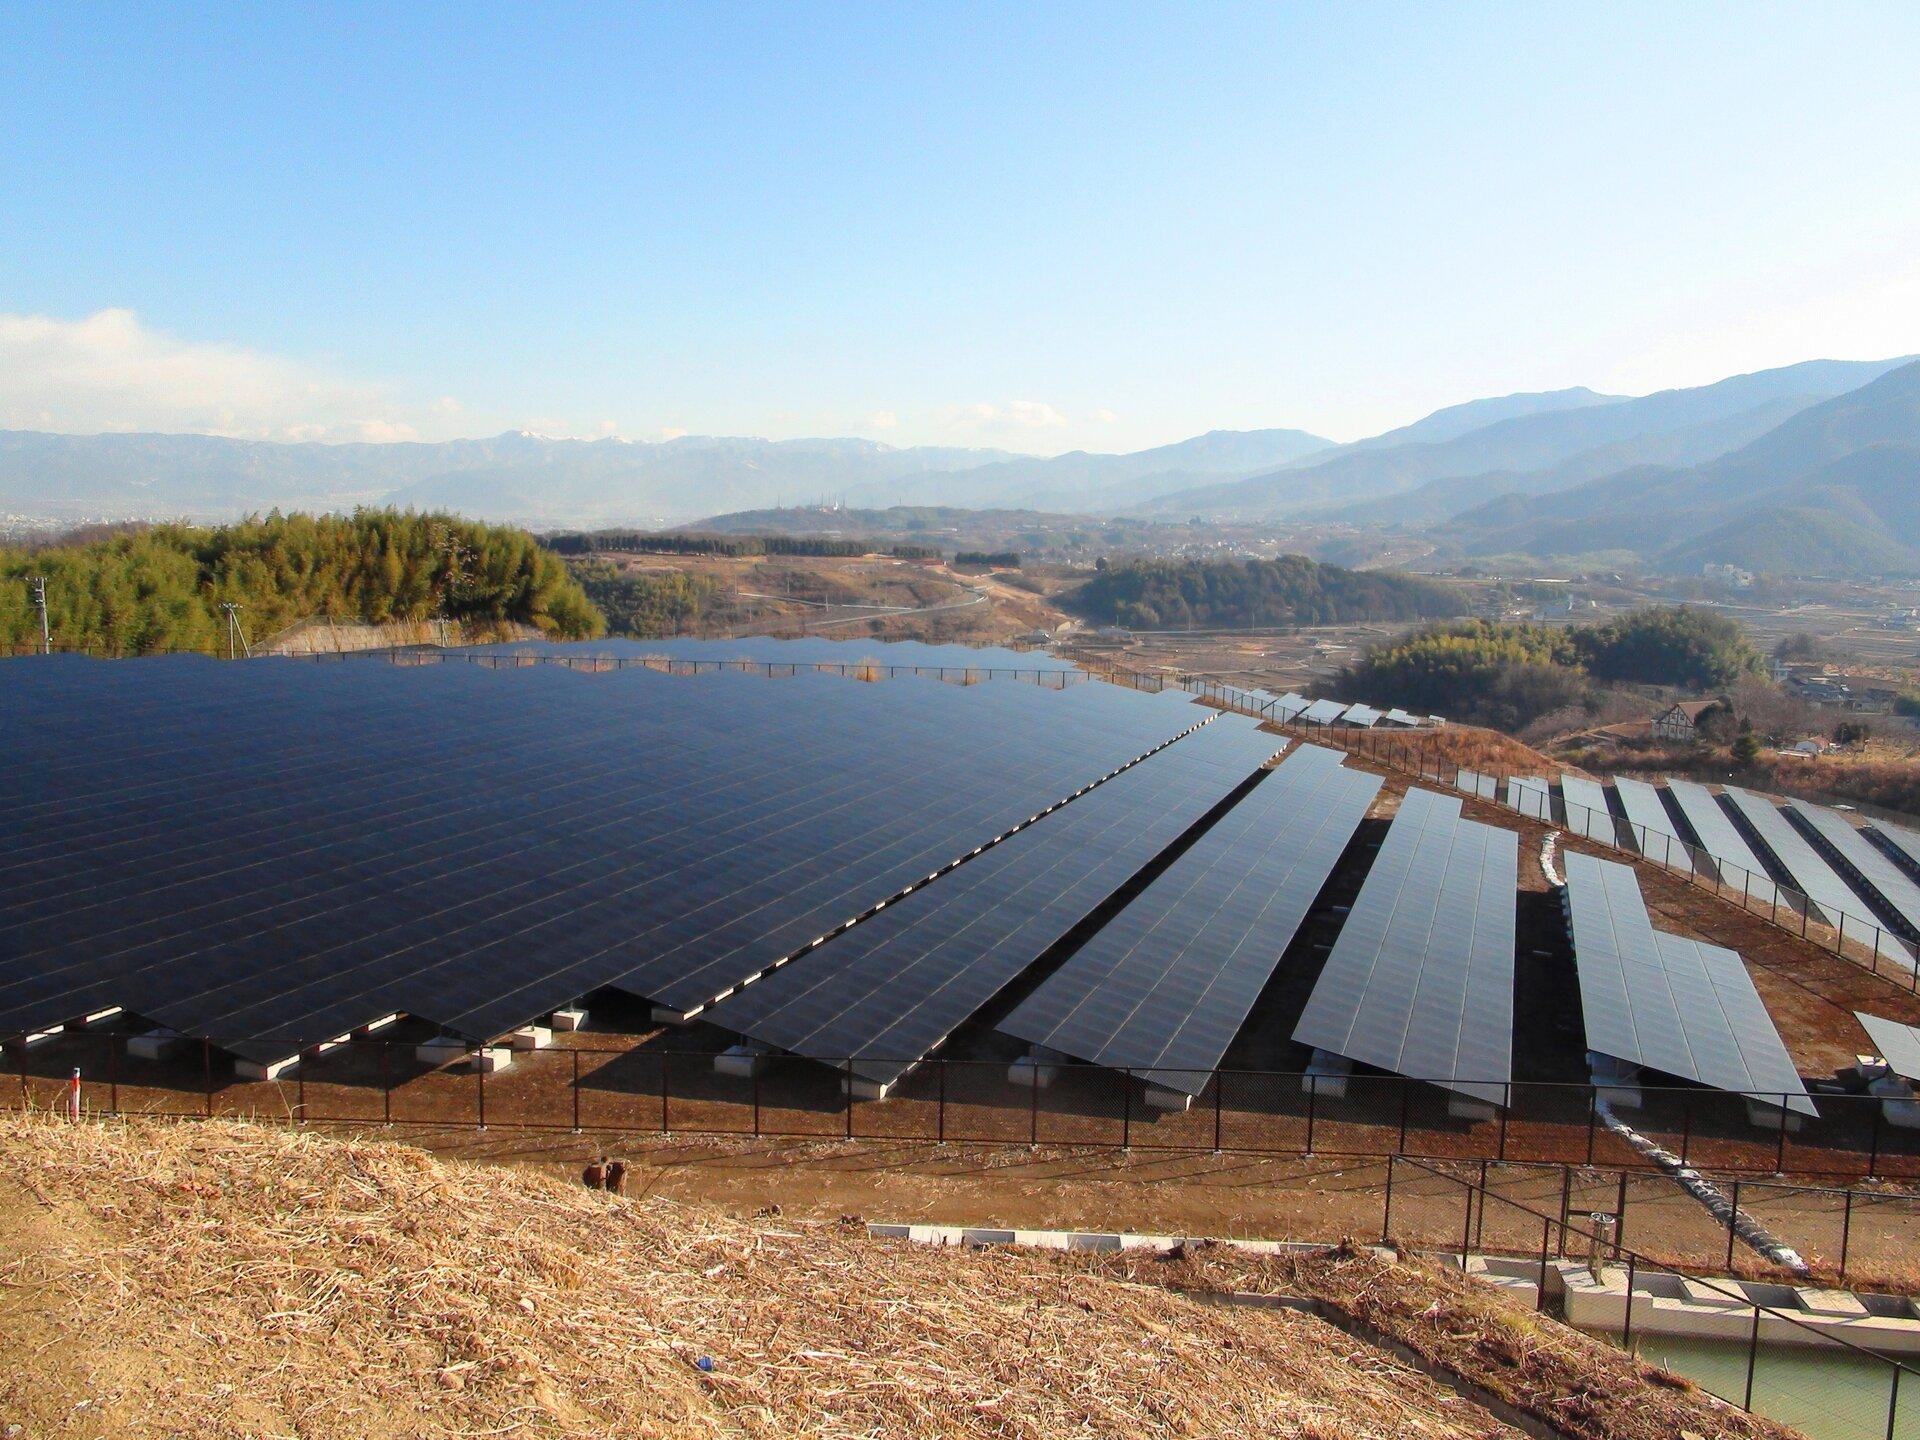 Elektrownia fotowoltaiczna wokolicach Nagoi – wykorzystuje ona promieniowanie słoneczne do produkcji energii elektrycznej